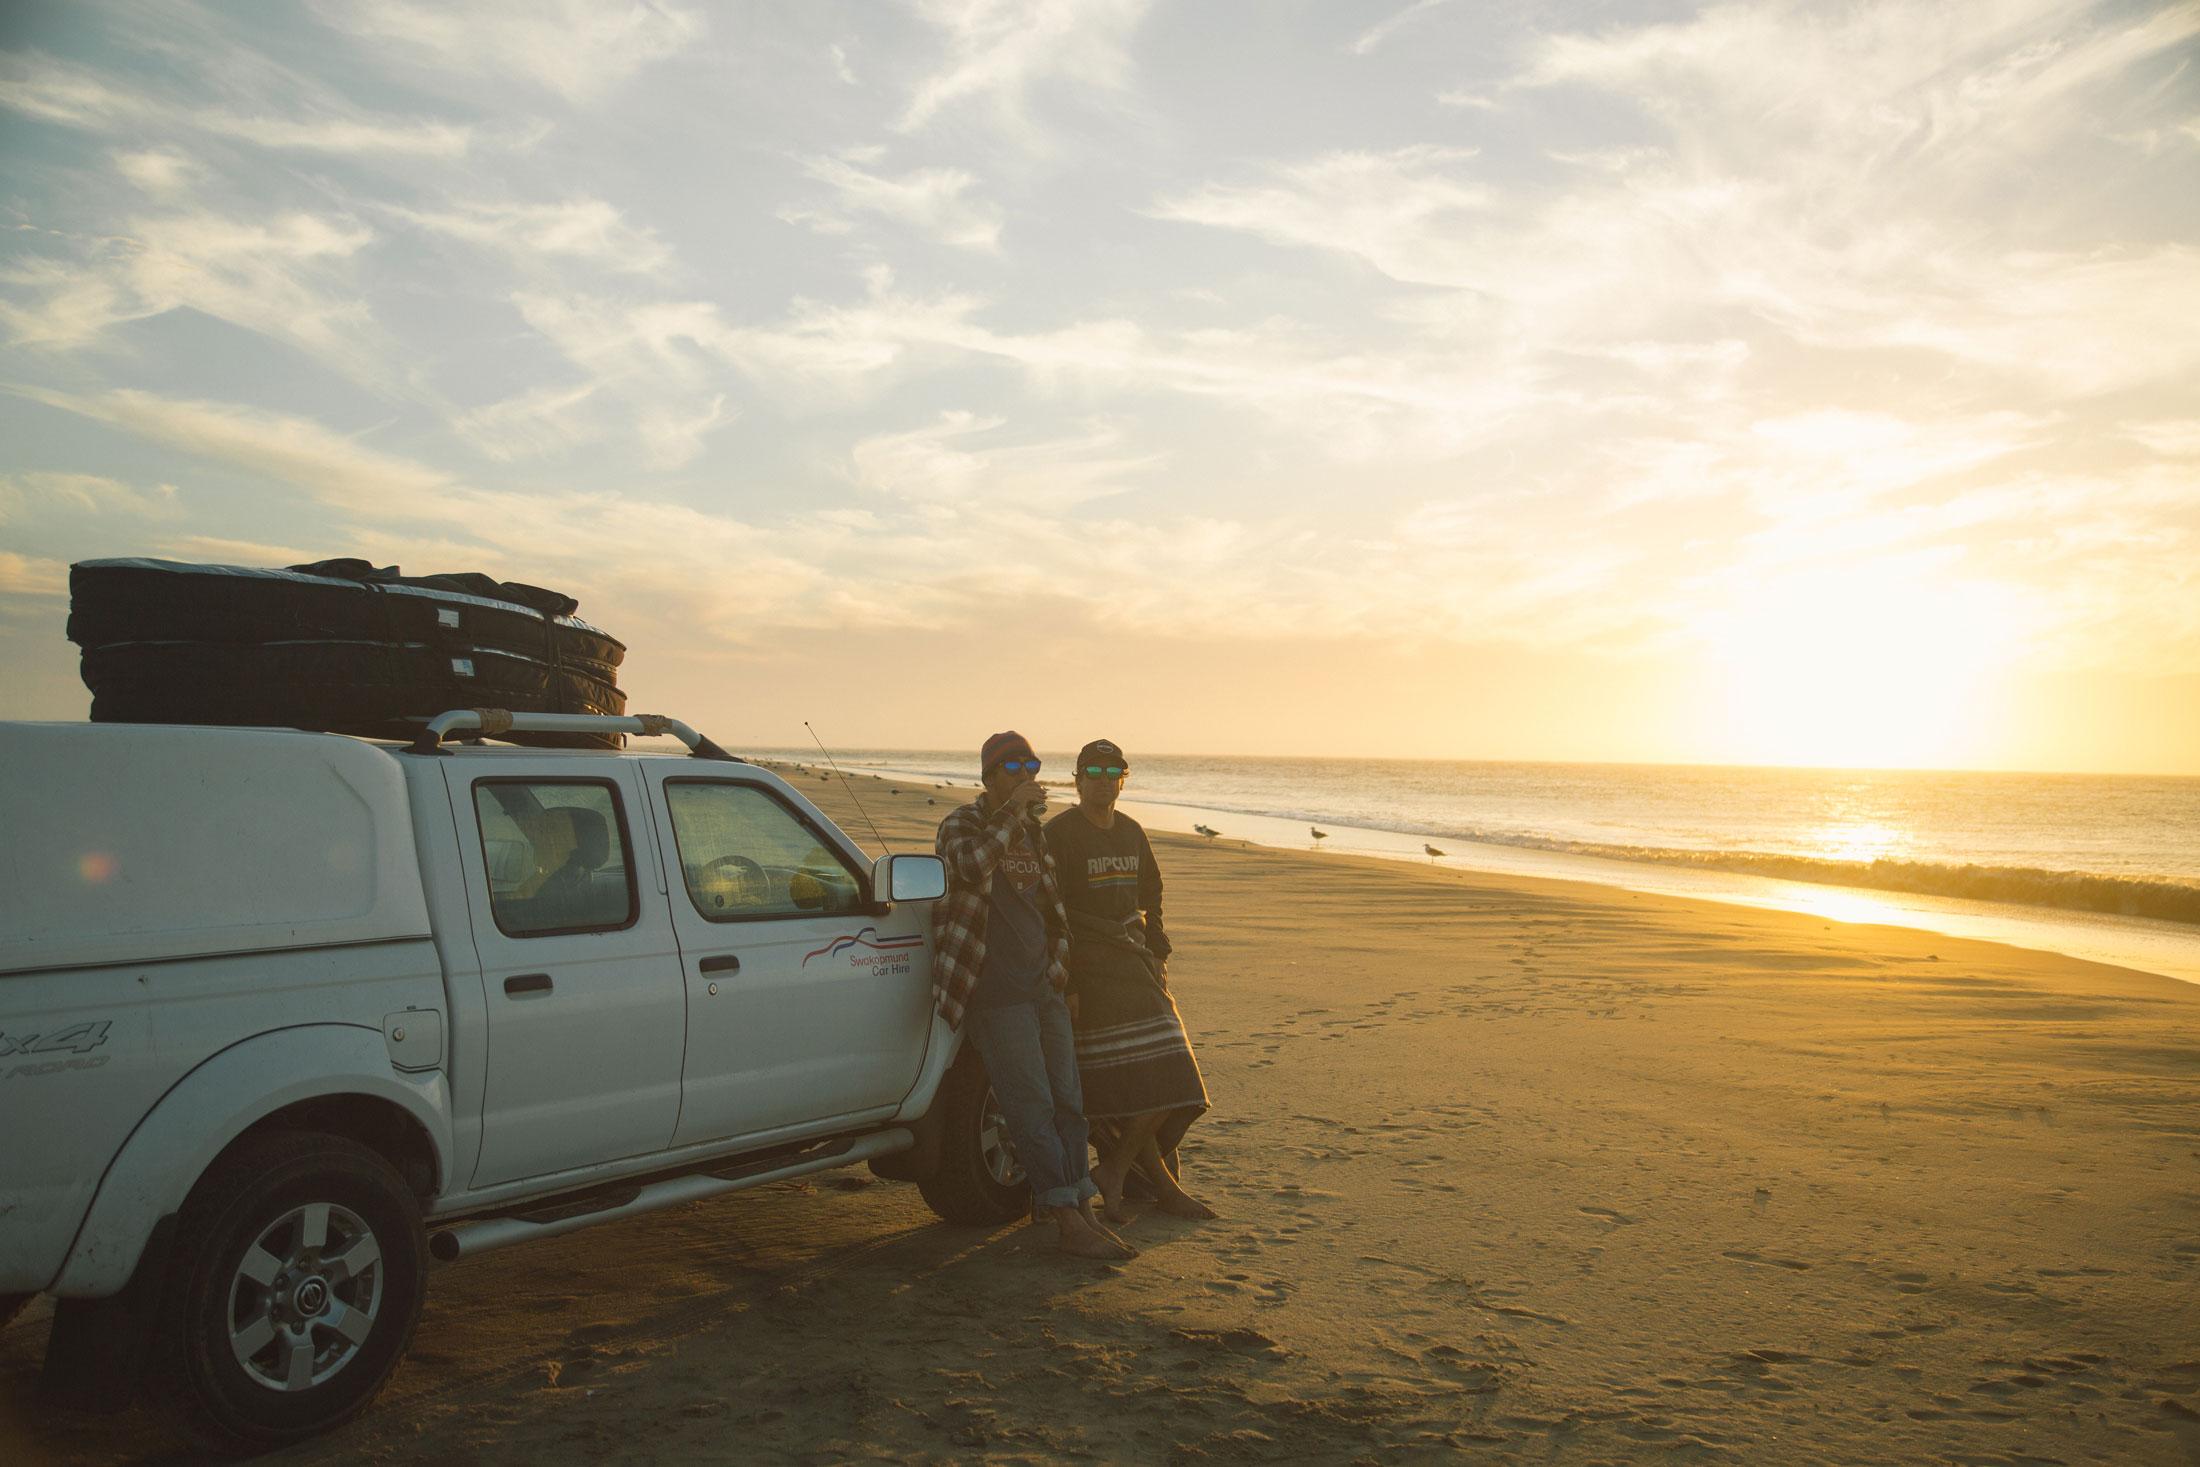 Skeleton Bay prend des conditions bien spéciales pour être surfée. Malgré l'absence de vague, on en profite pour prendre un bière au coucher de soleil.